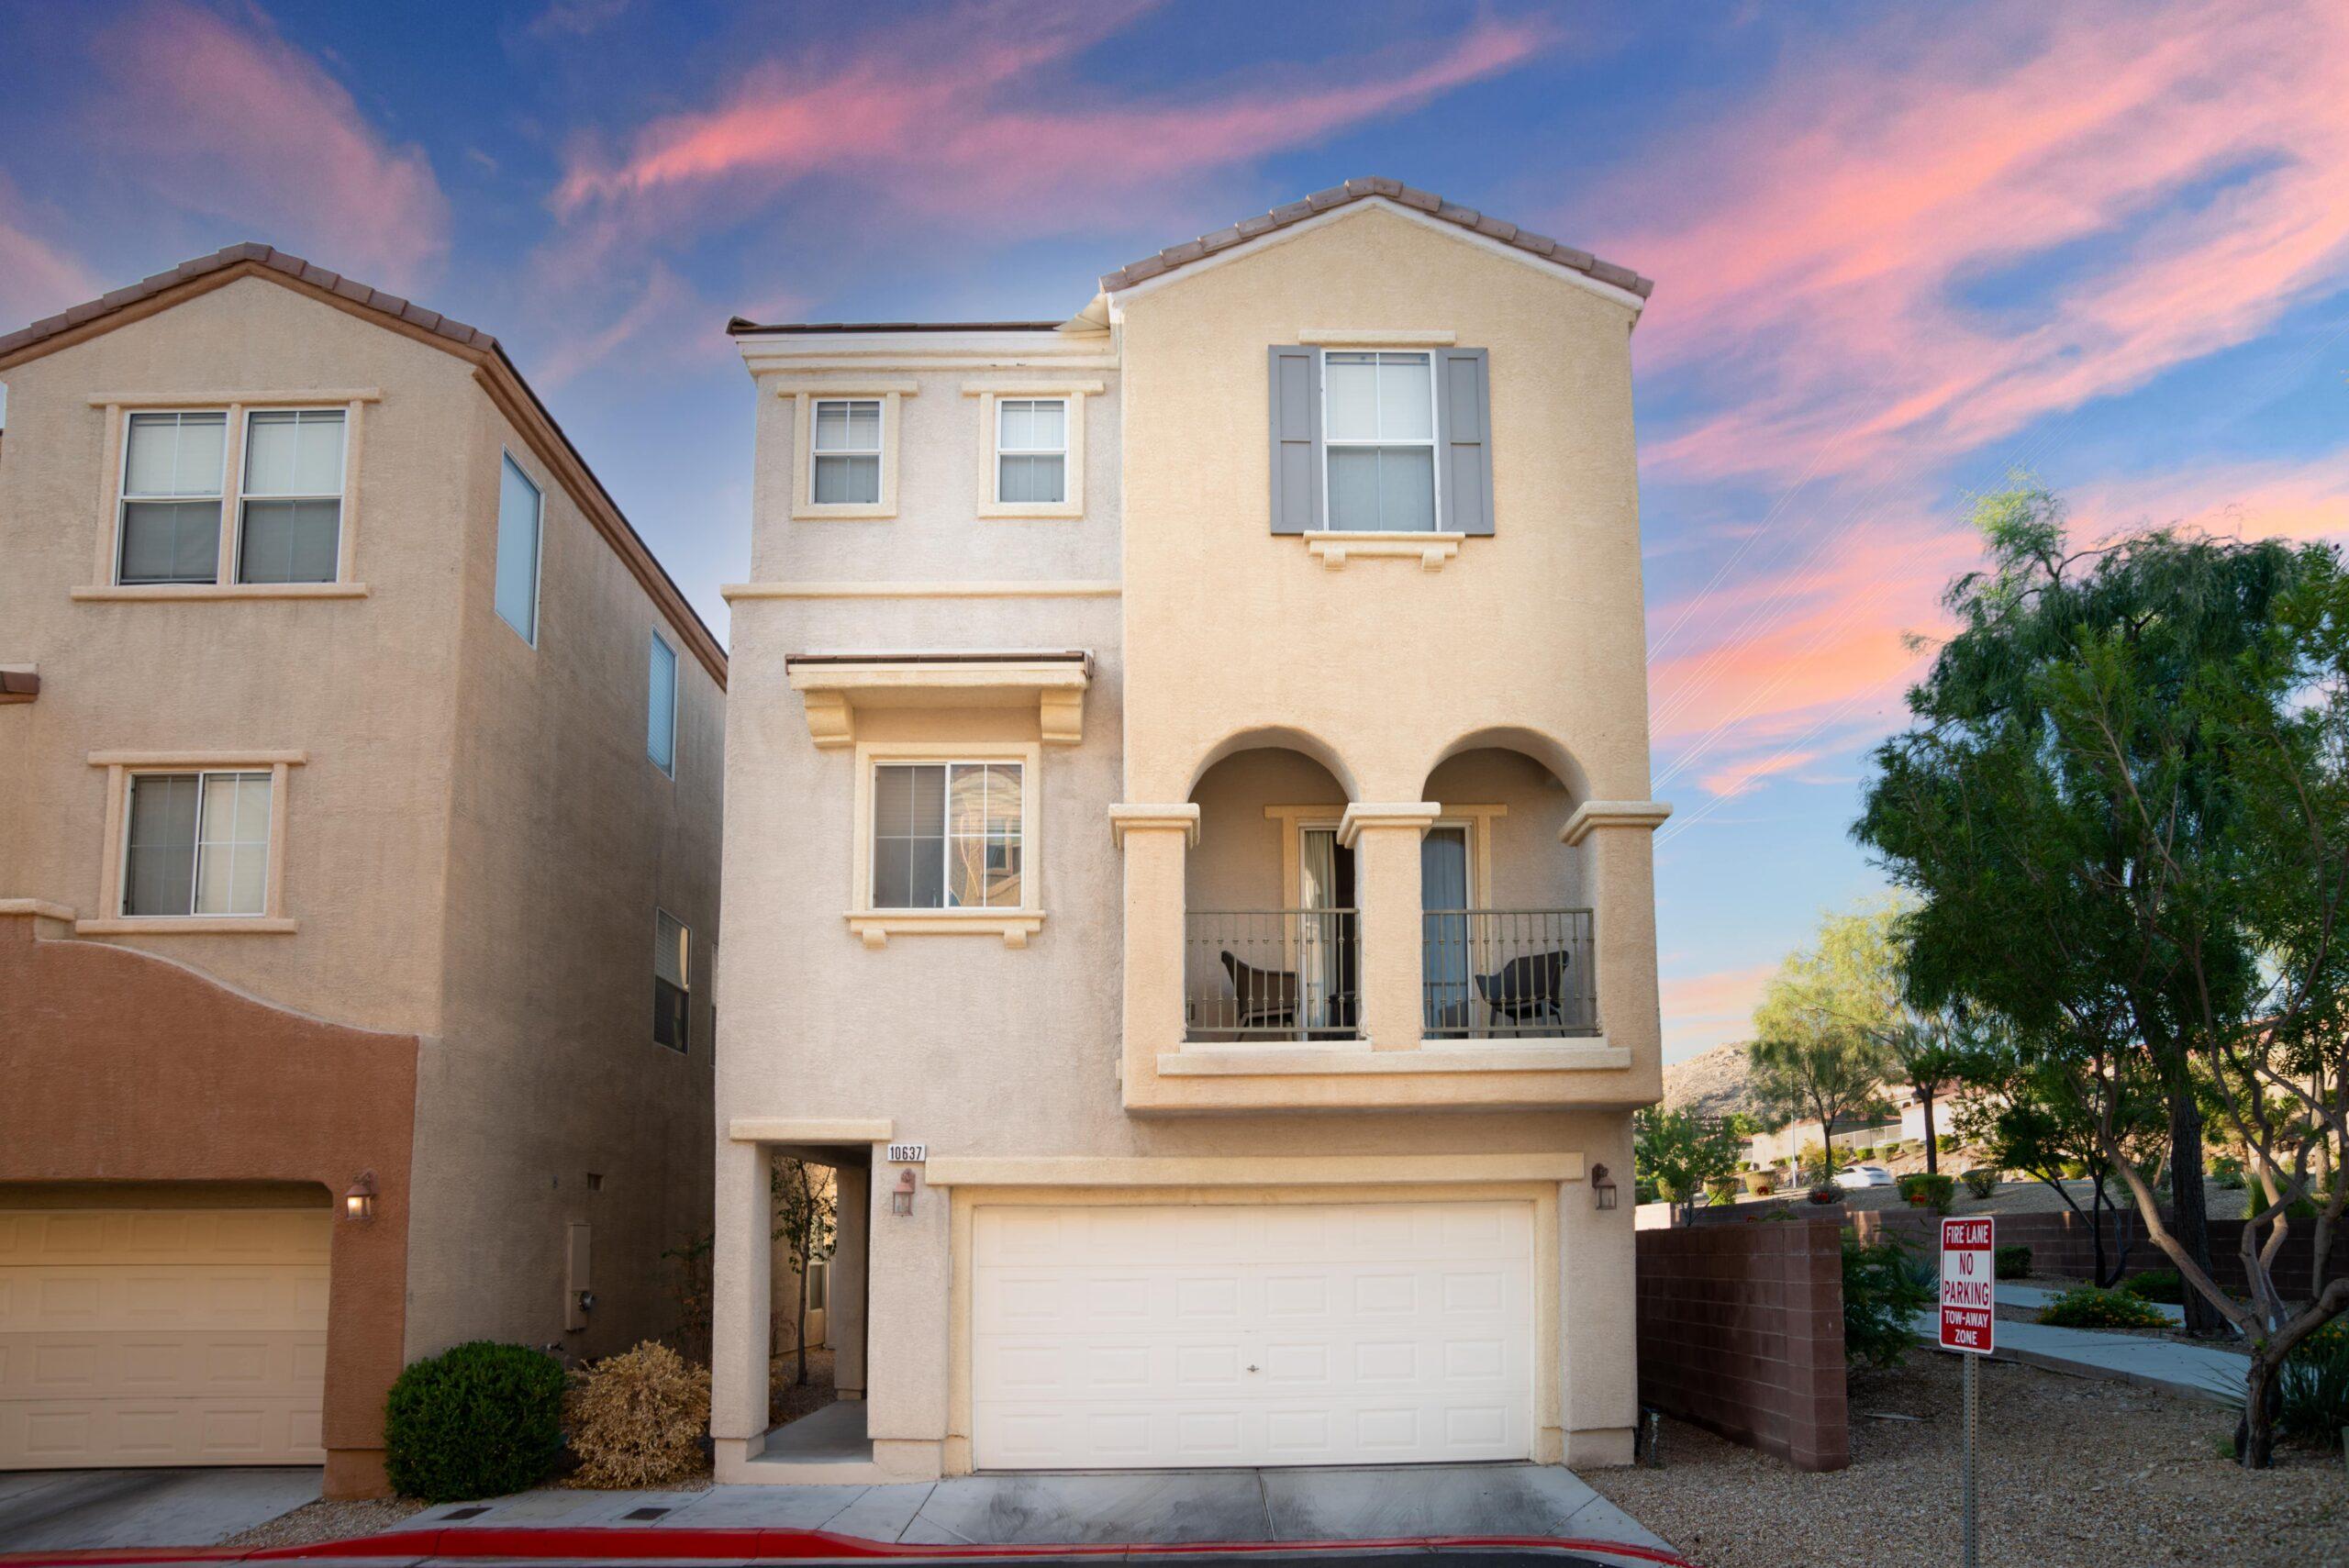 10637 Calf Creek Ct, Las Vegas, NV 89129